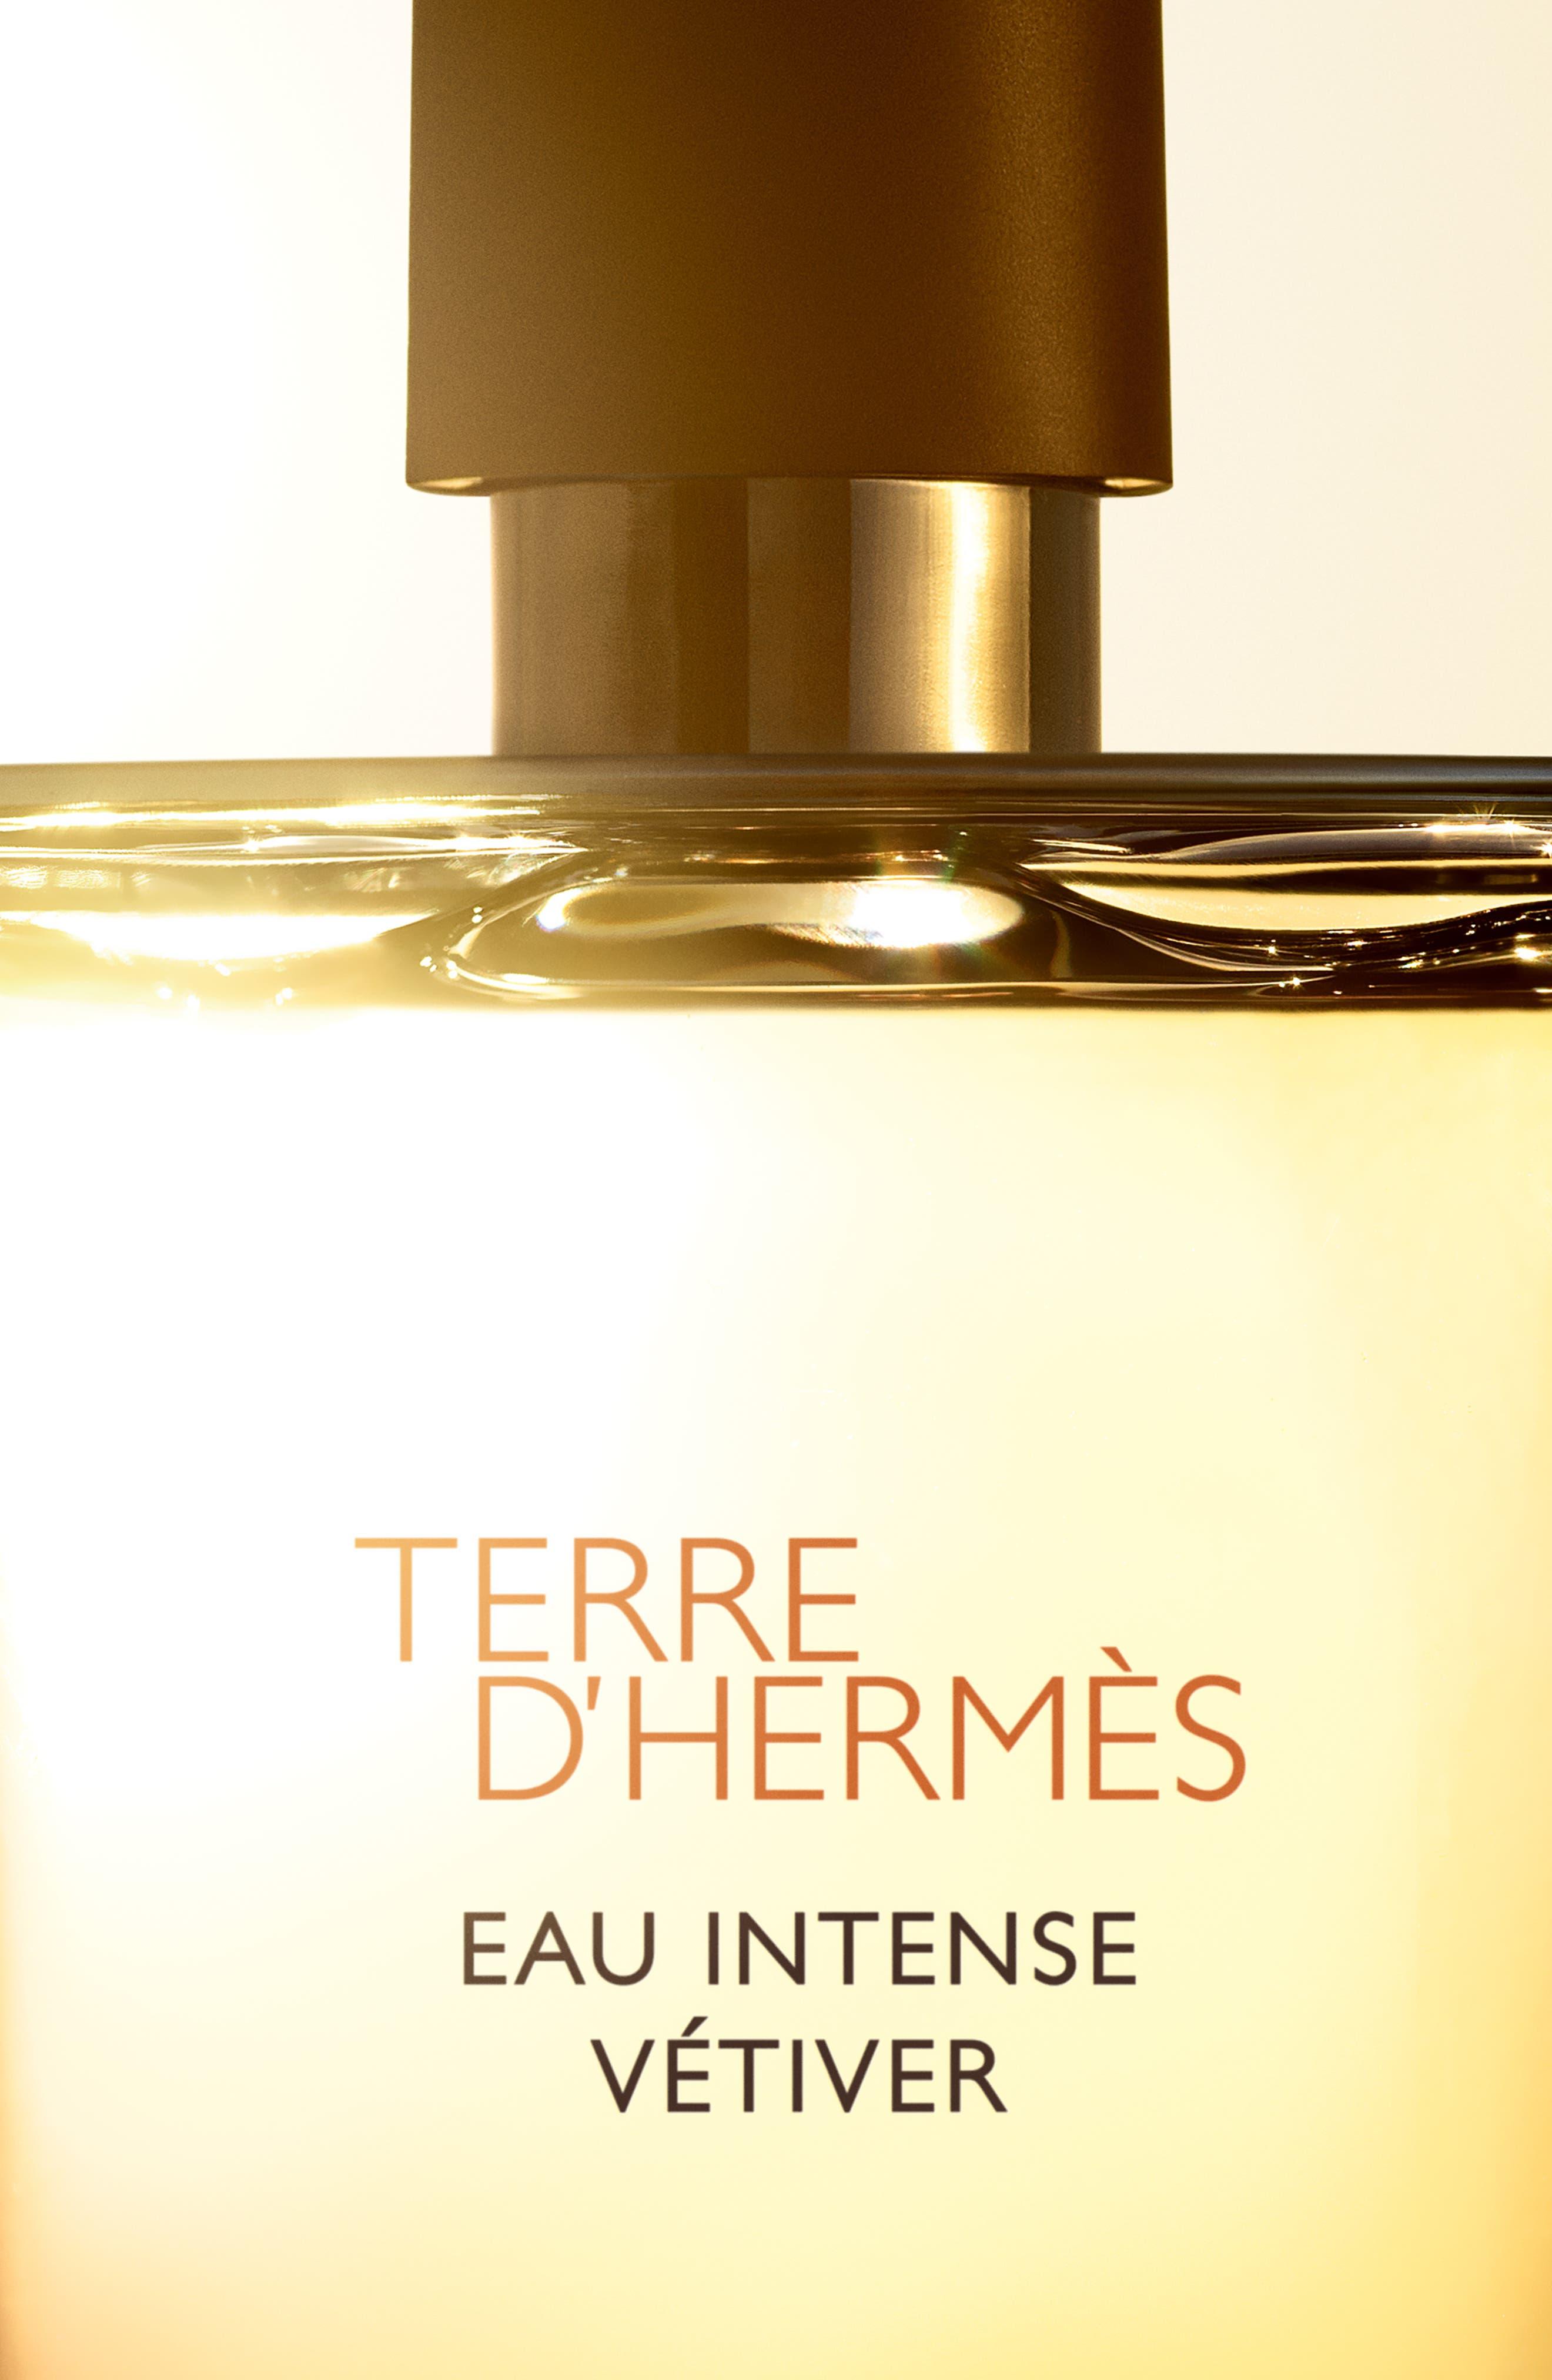 Terre d'Hermès Eau Intense Vétiver – Eau de parfum,                             Alternate thumbnail 2, color,                             NO COLOR